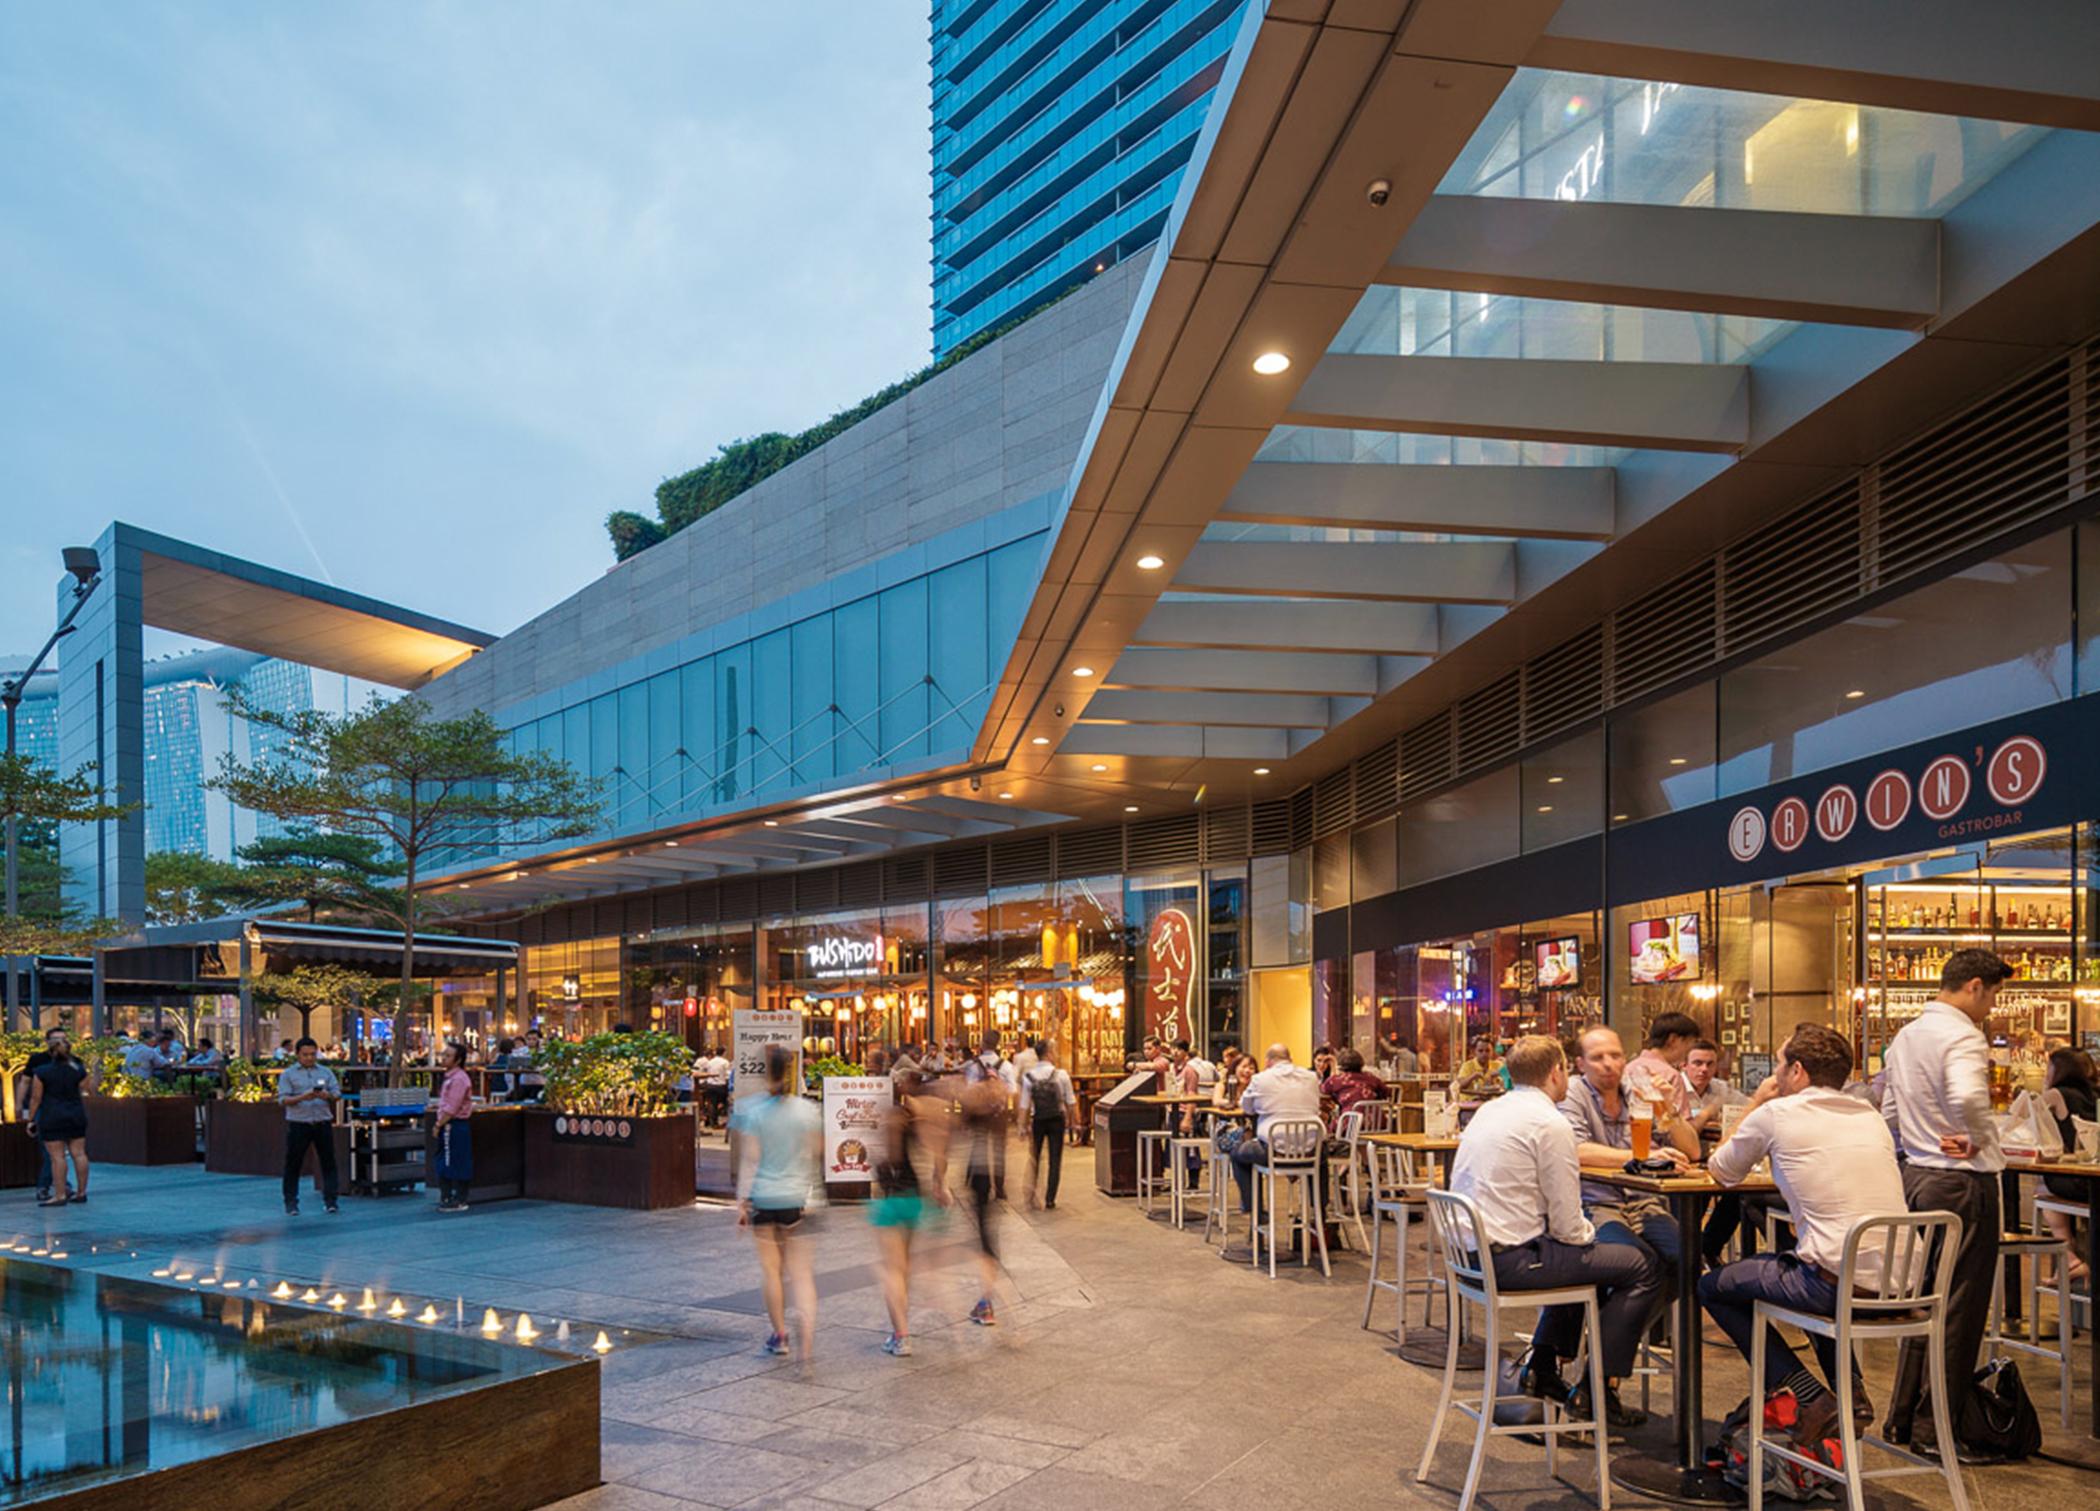 MBFC Singapore